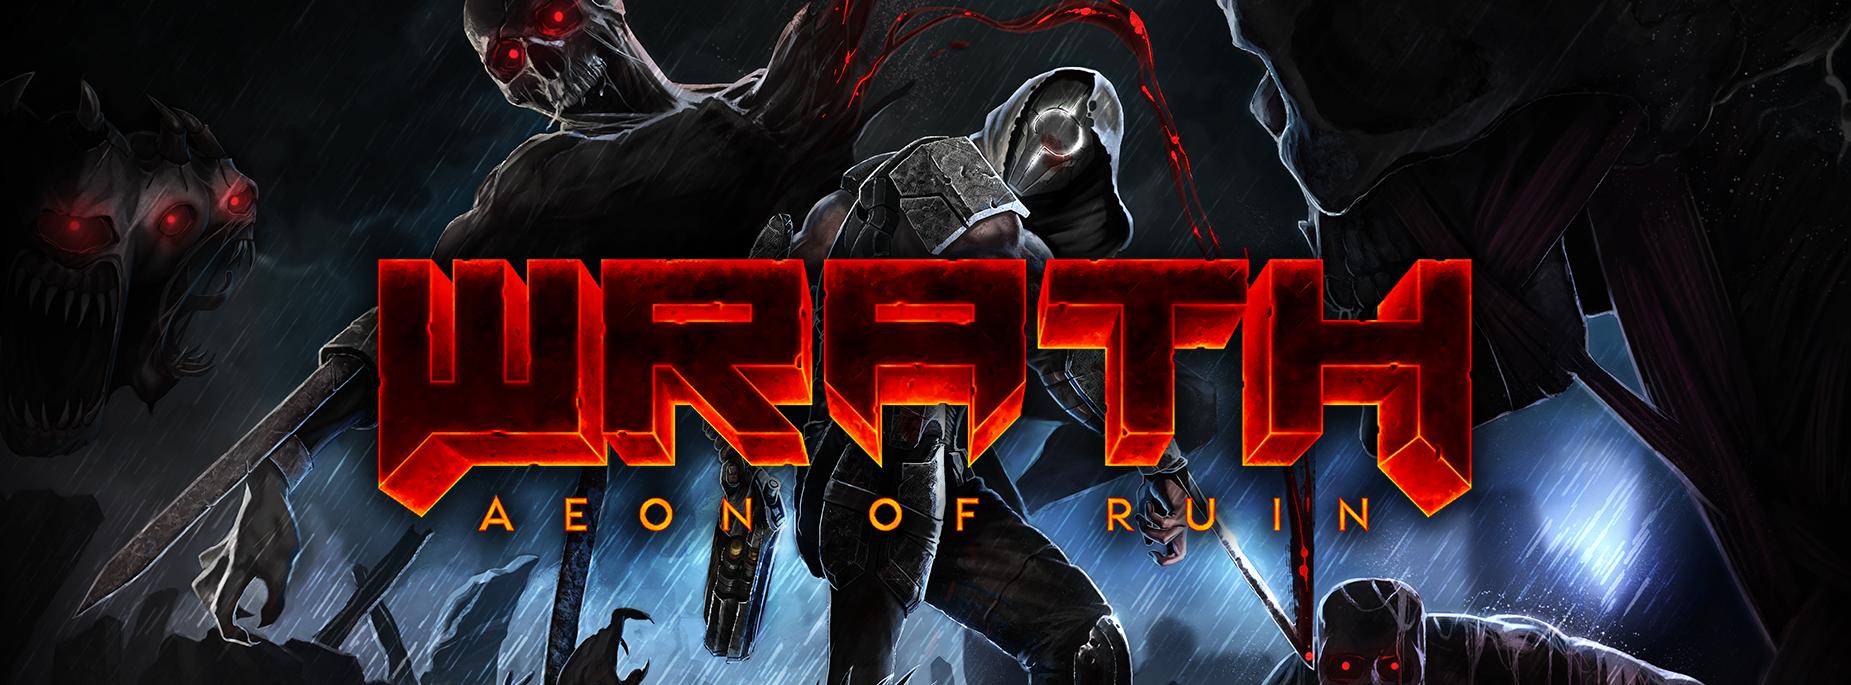 WRATH: Aeon of Ruin обзавёлся 20-минутным геймплейным роликом